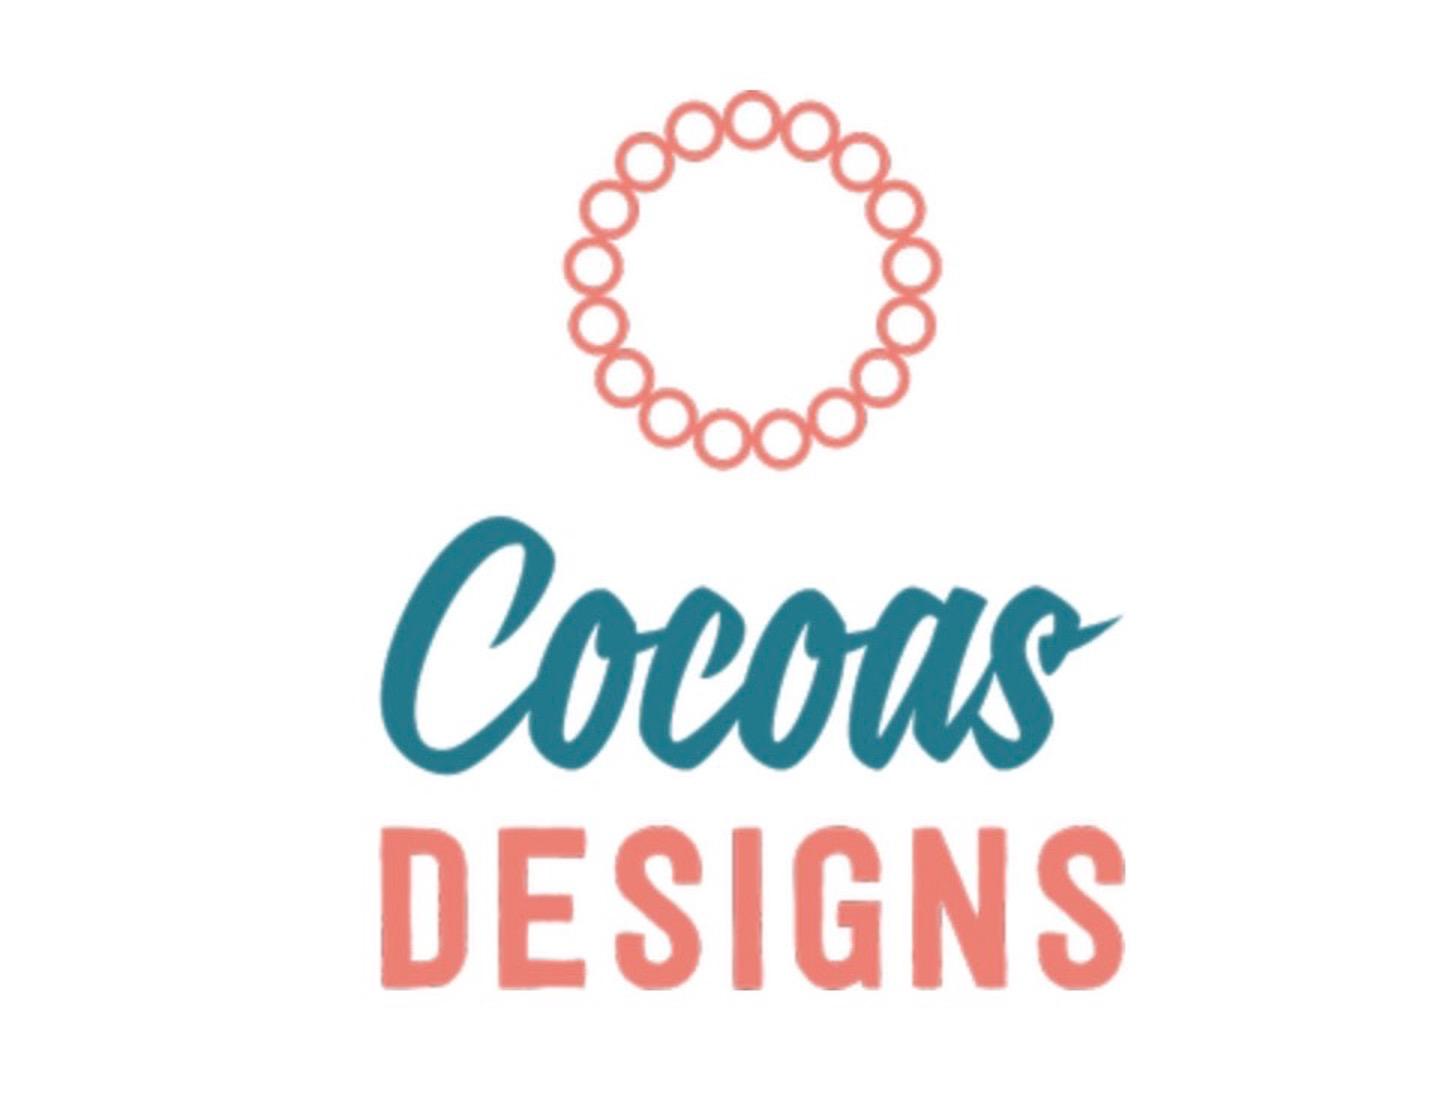 Cocoa's Design